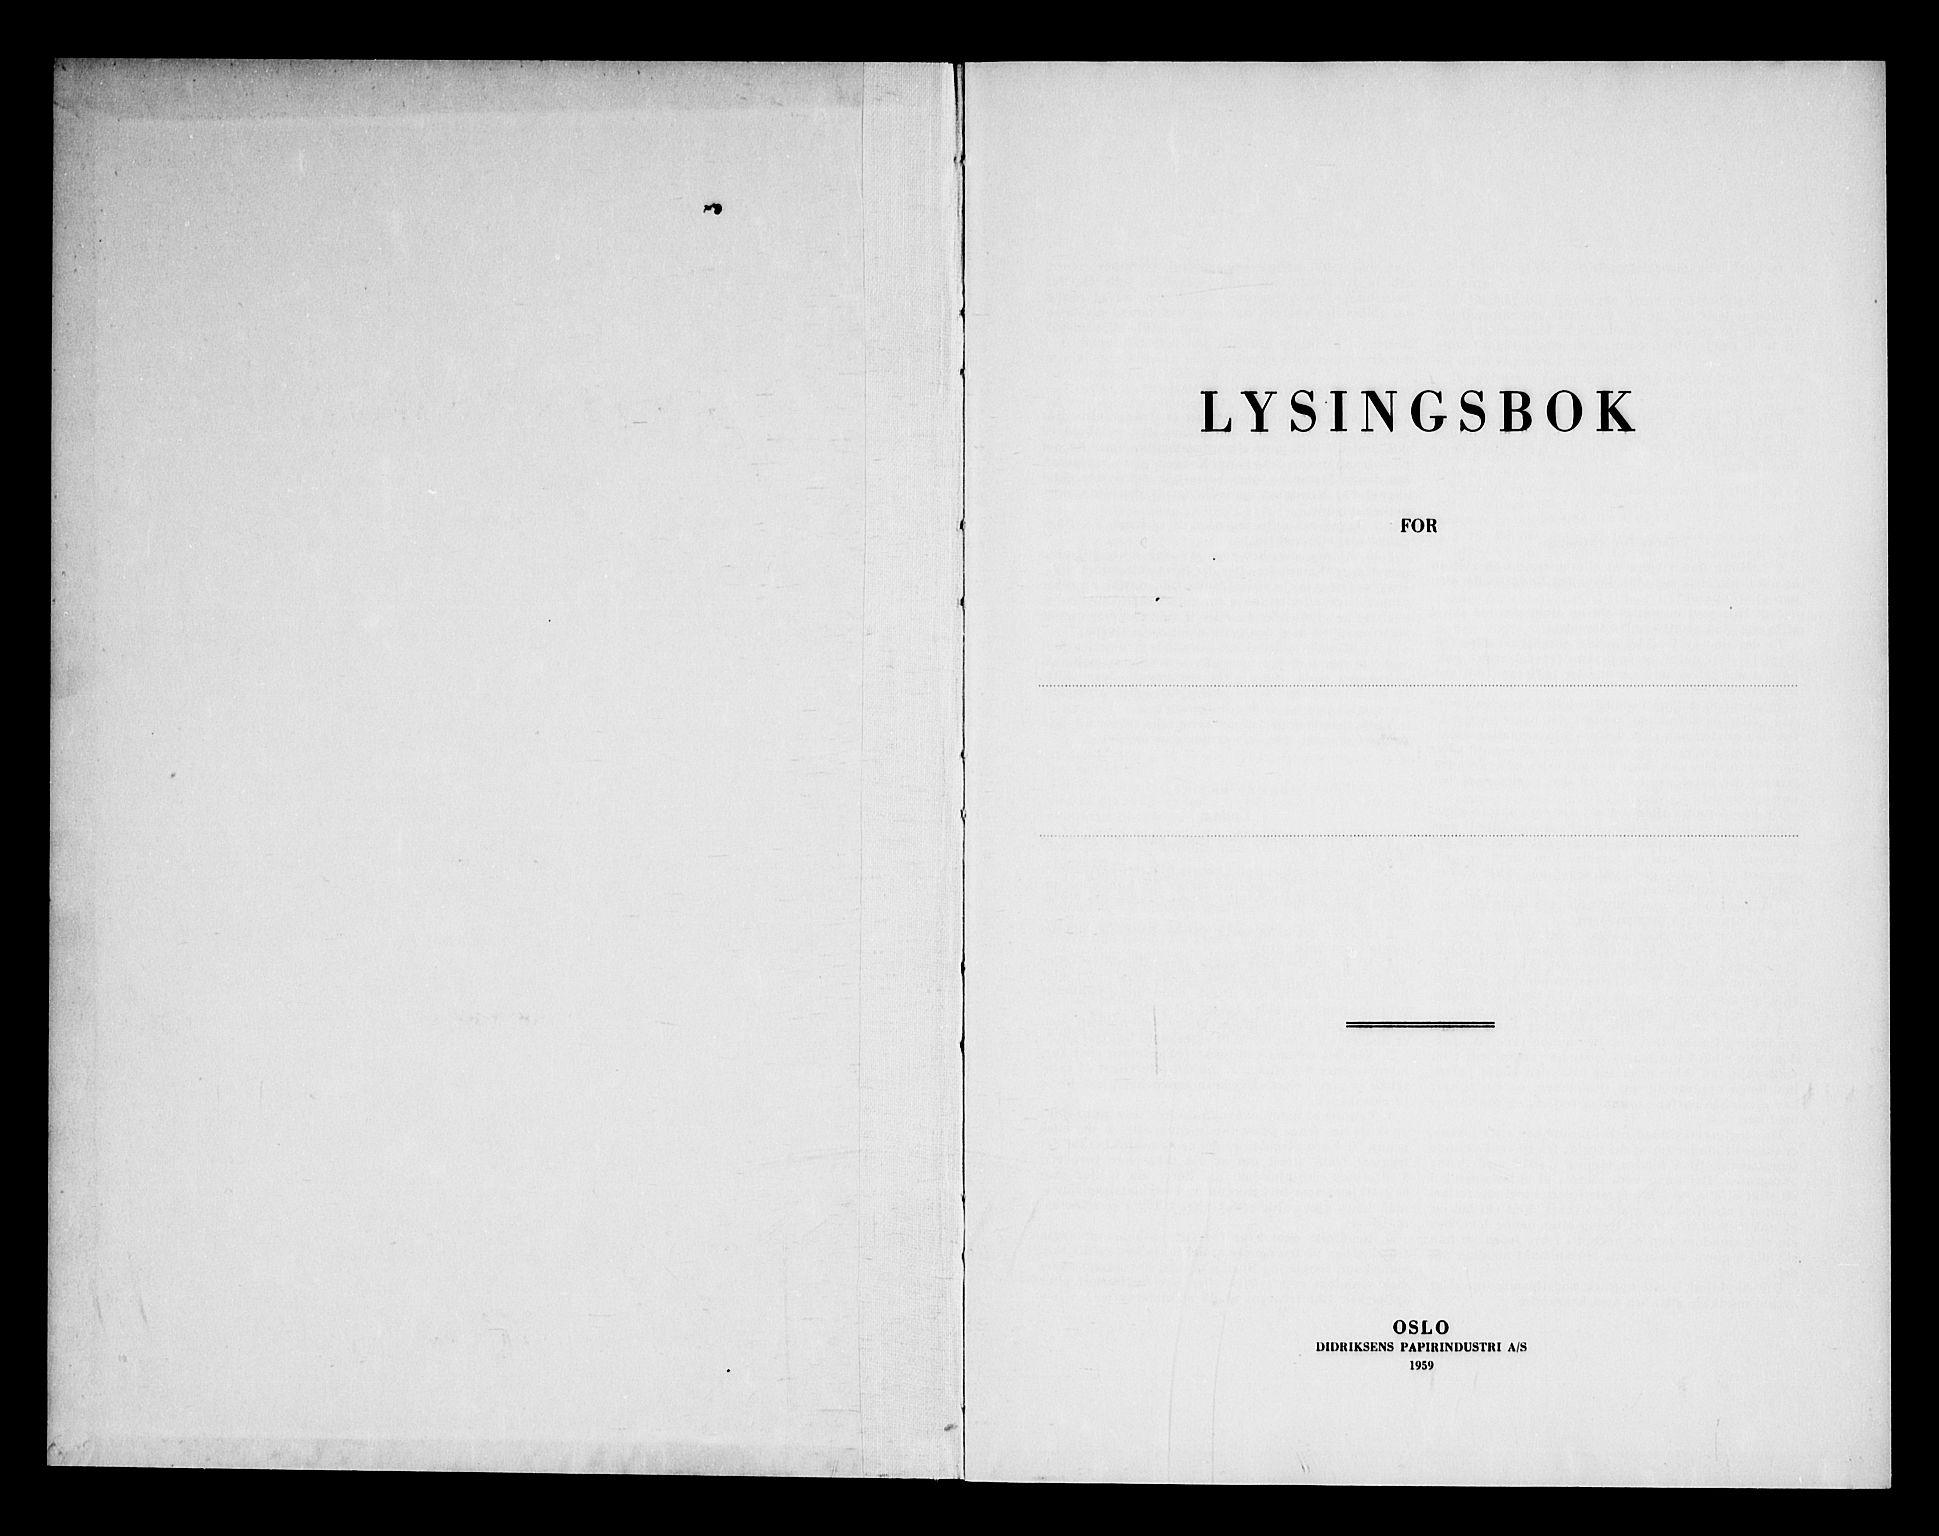 SAKO, Lunde kirkebøker, H/Ha/L0002: Lysningsprotokoll nr. 2, 1966-1969